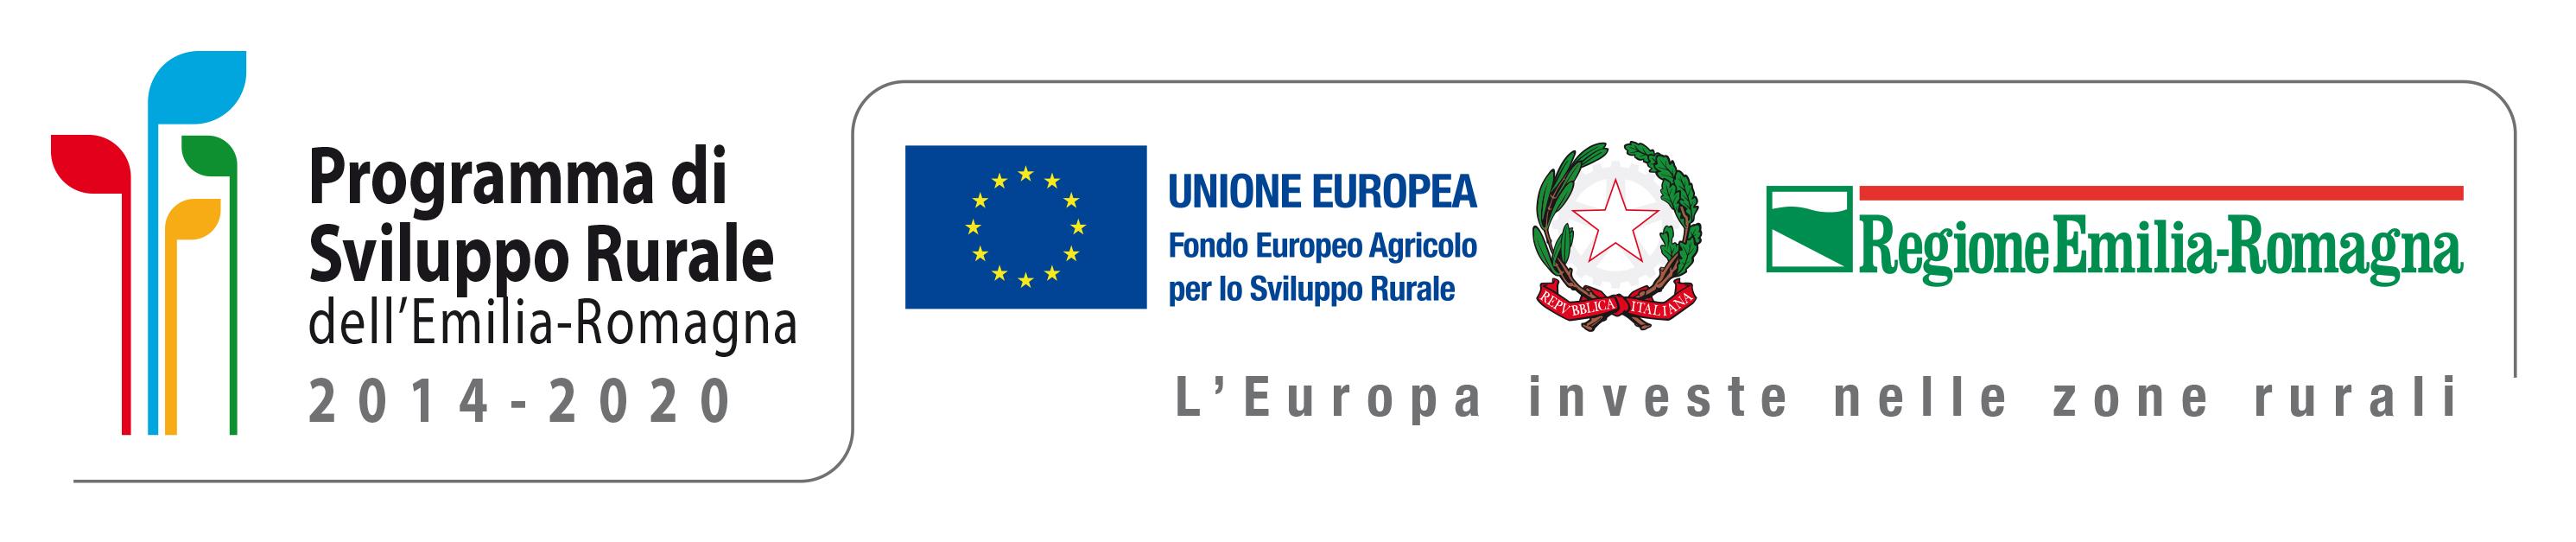 Programma Regionale di Sviluppo Rurale 2014 - 2020